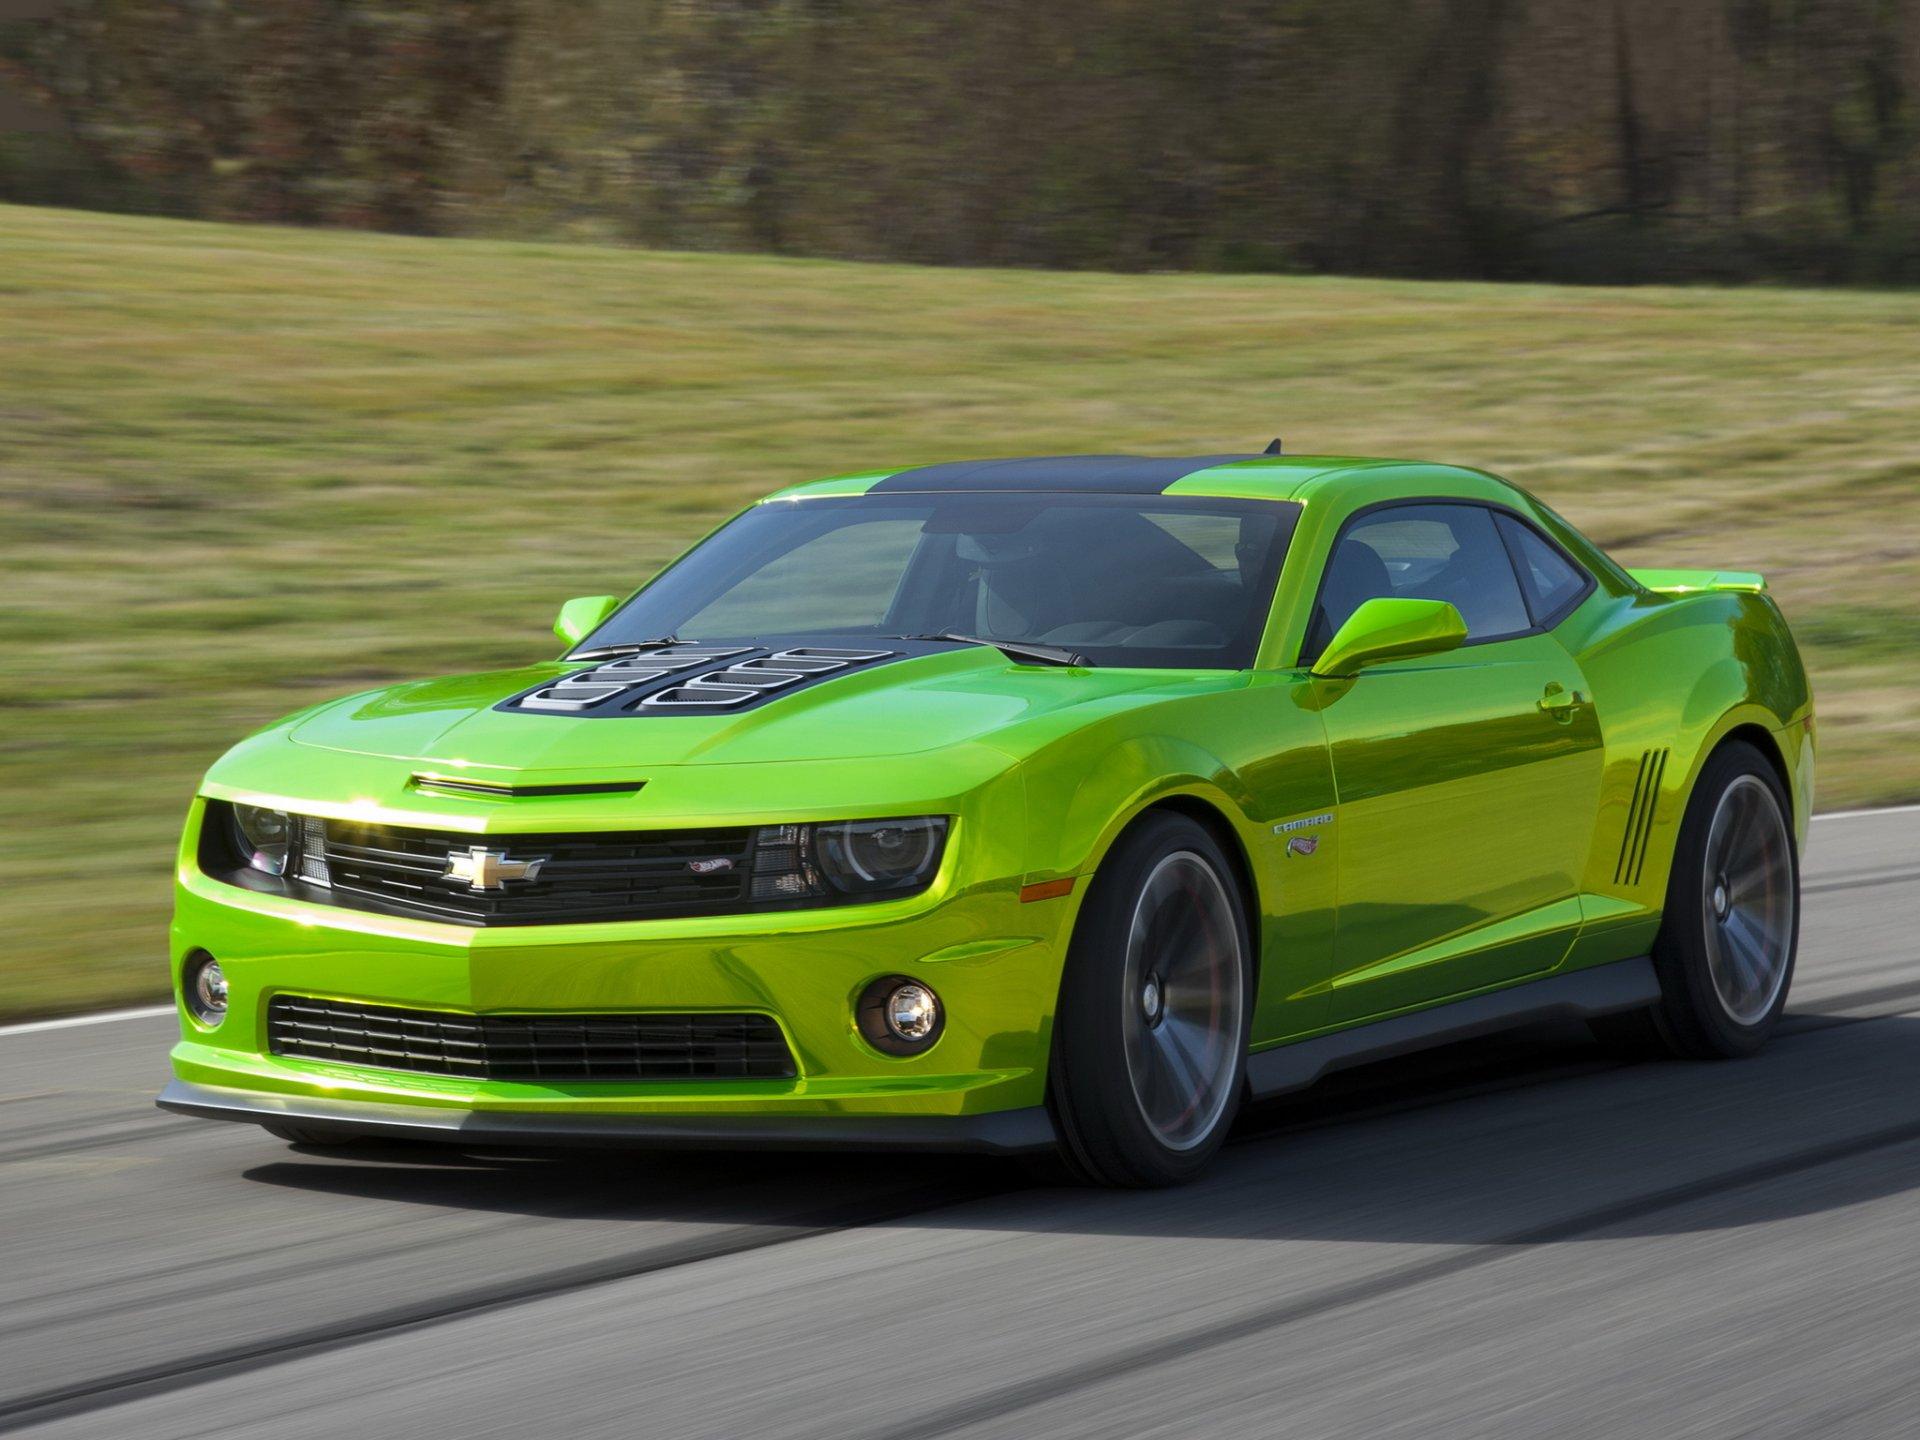 Обои колёса, Chevrolet camaro, полосы, диски, асфальт, шевроле камаро. Автомобили foto 7